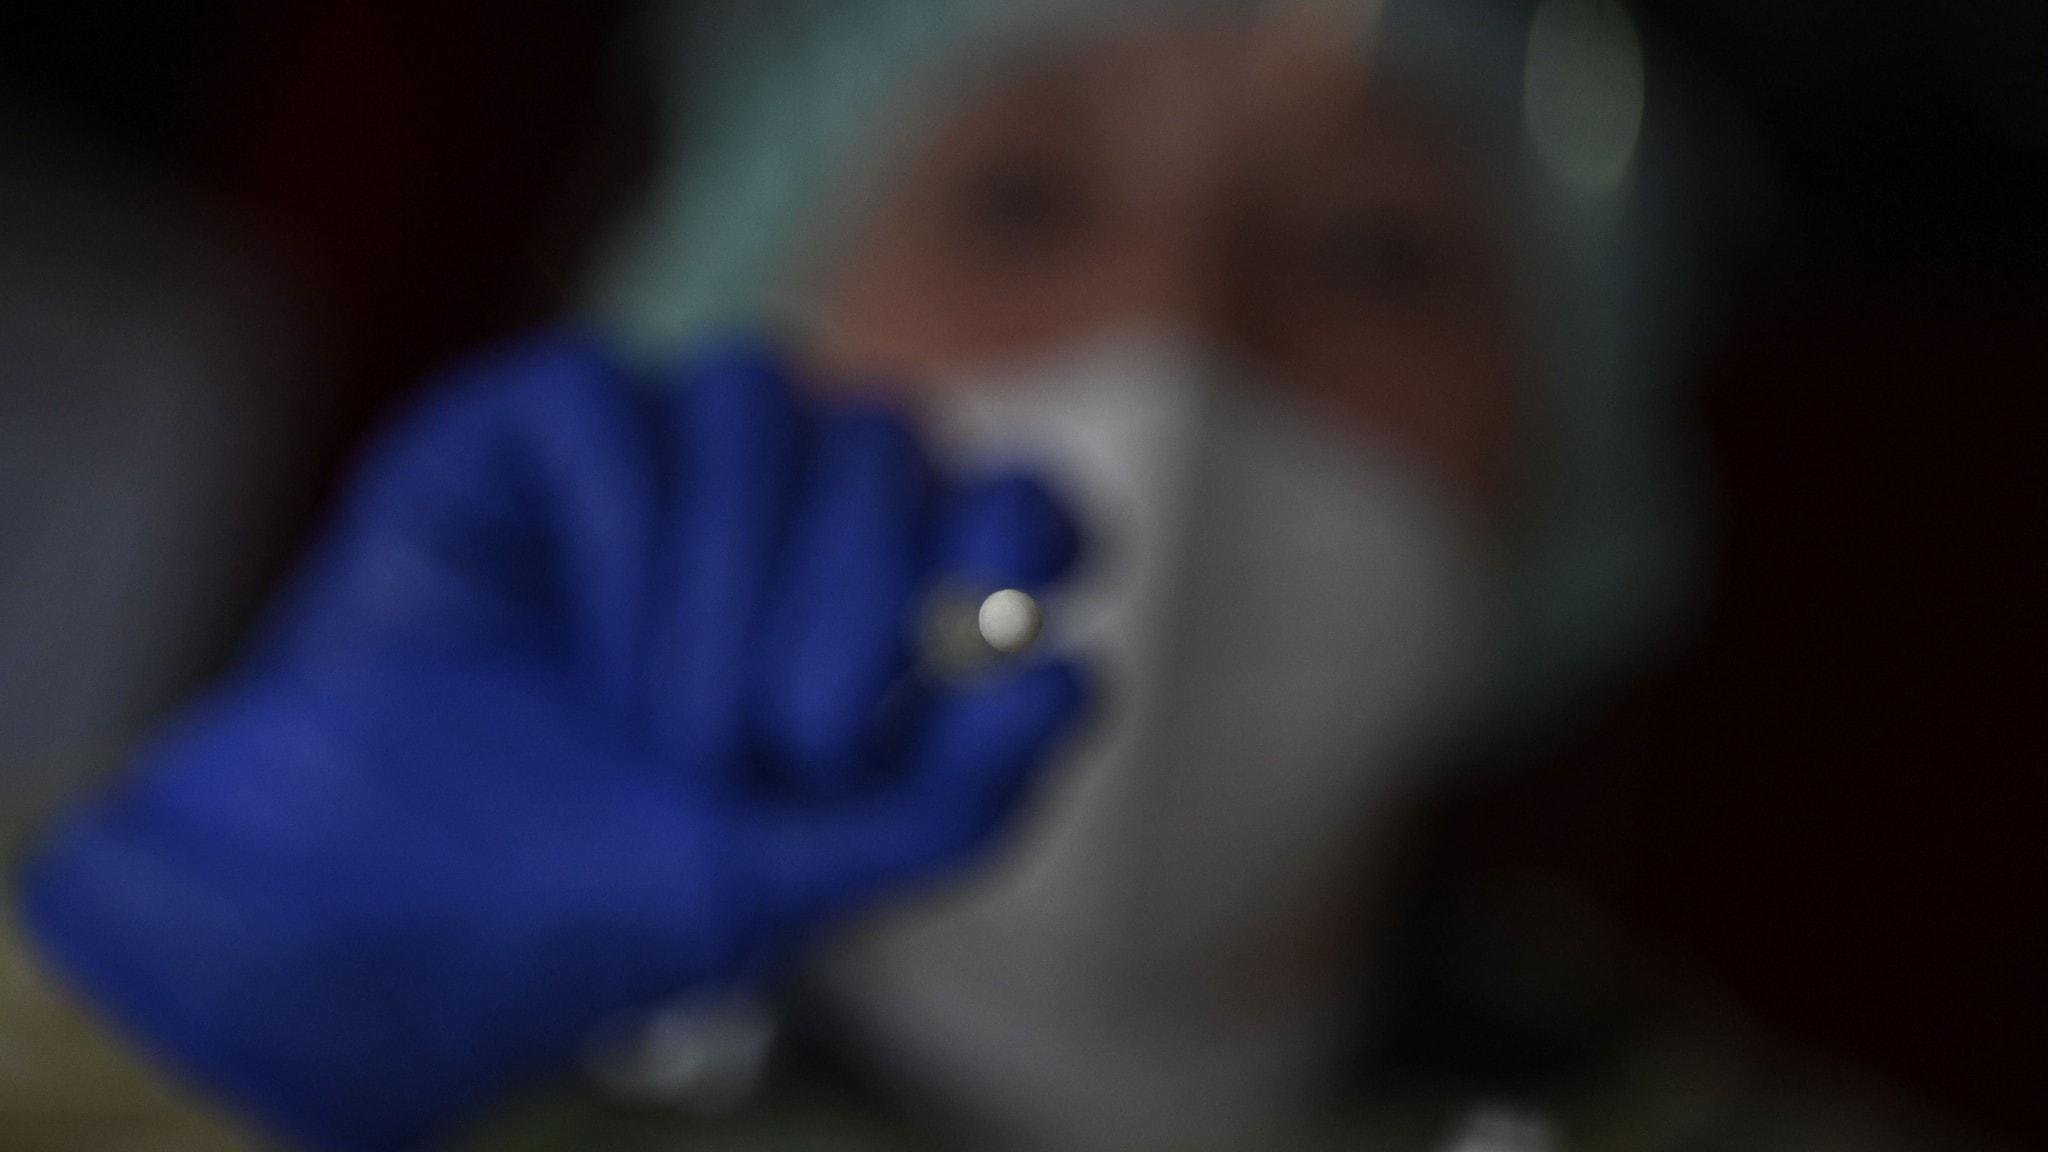 Läkemedel mot reumatism kan minska dödsfall bland coronasjuka